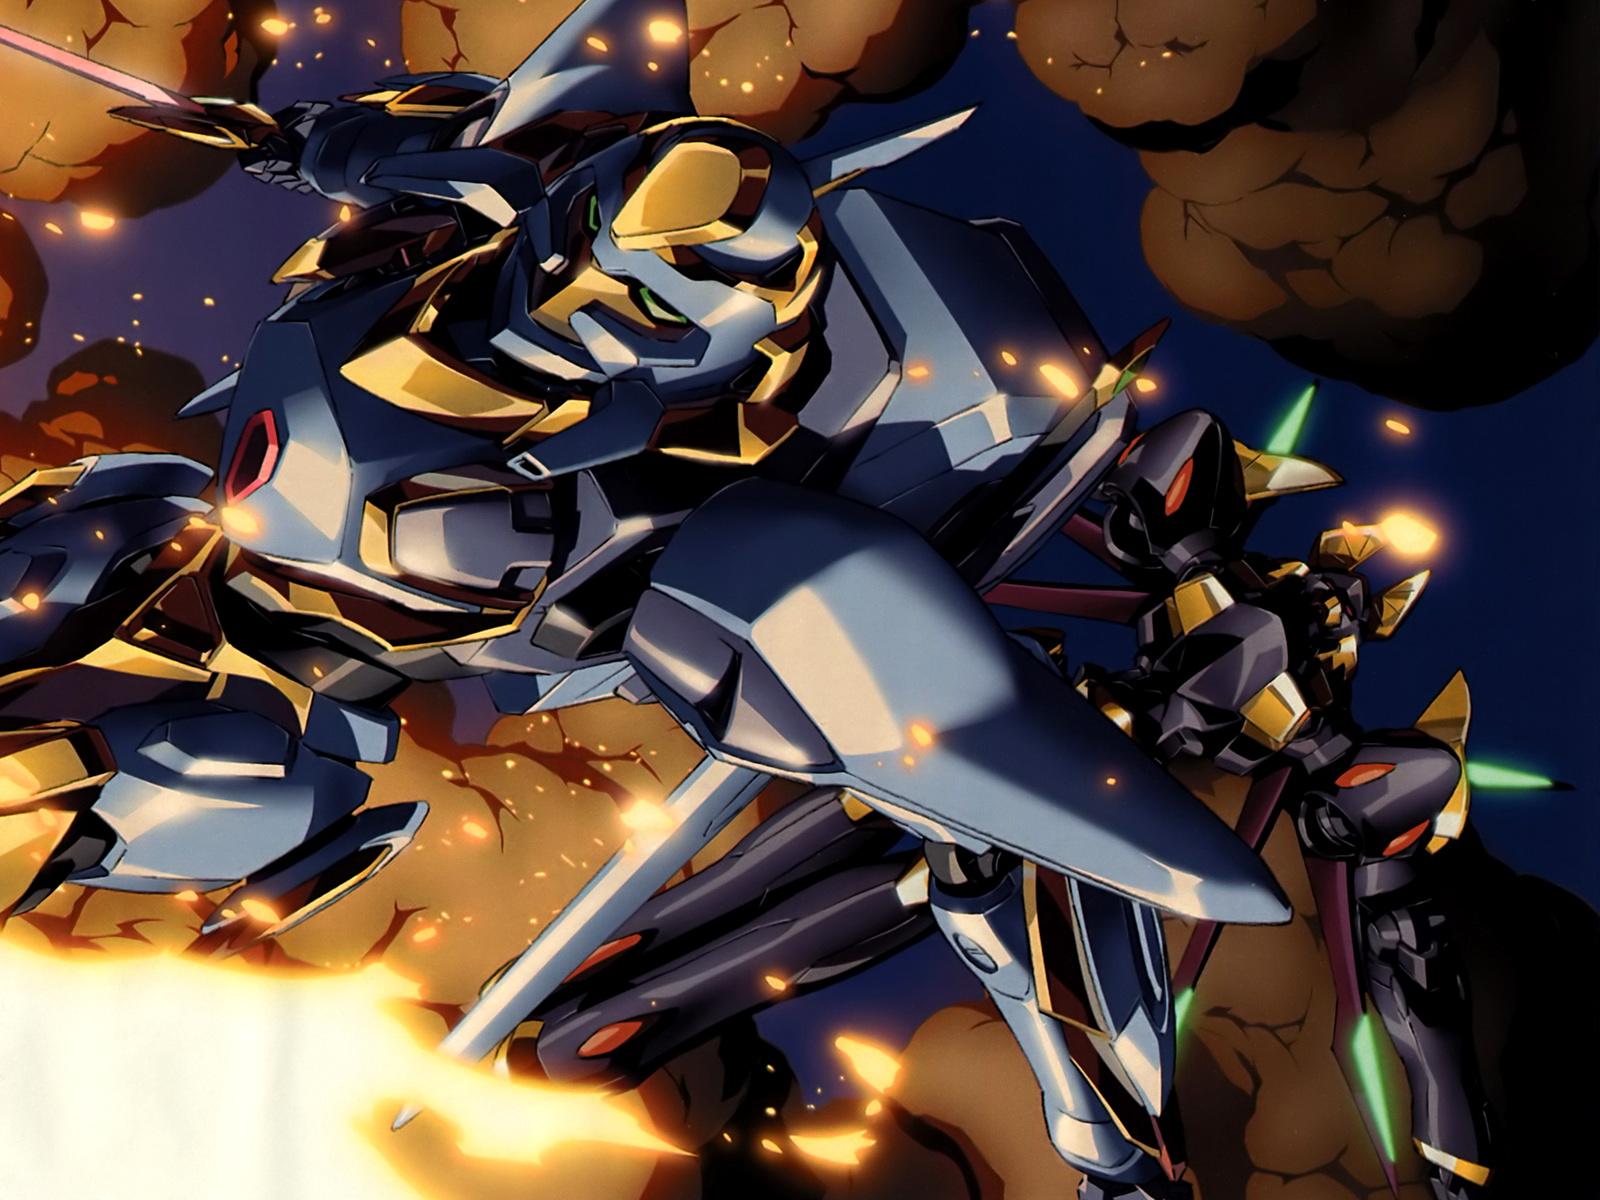 コピーKonachan.com - 41804 code_geass lancelot mecha